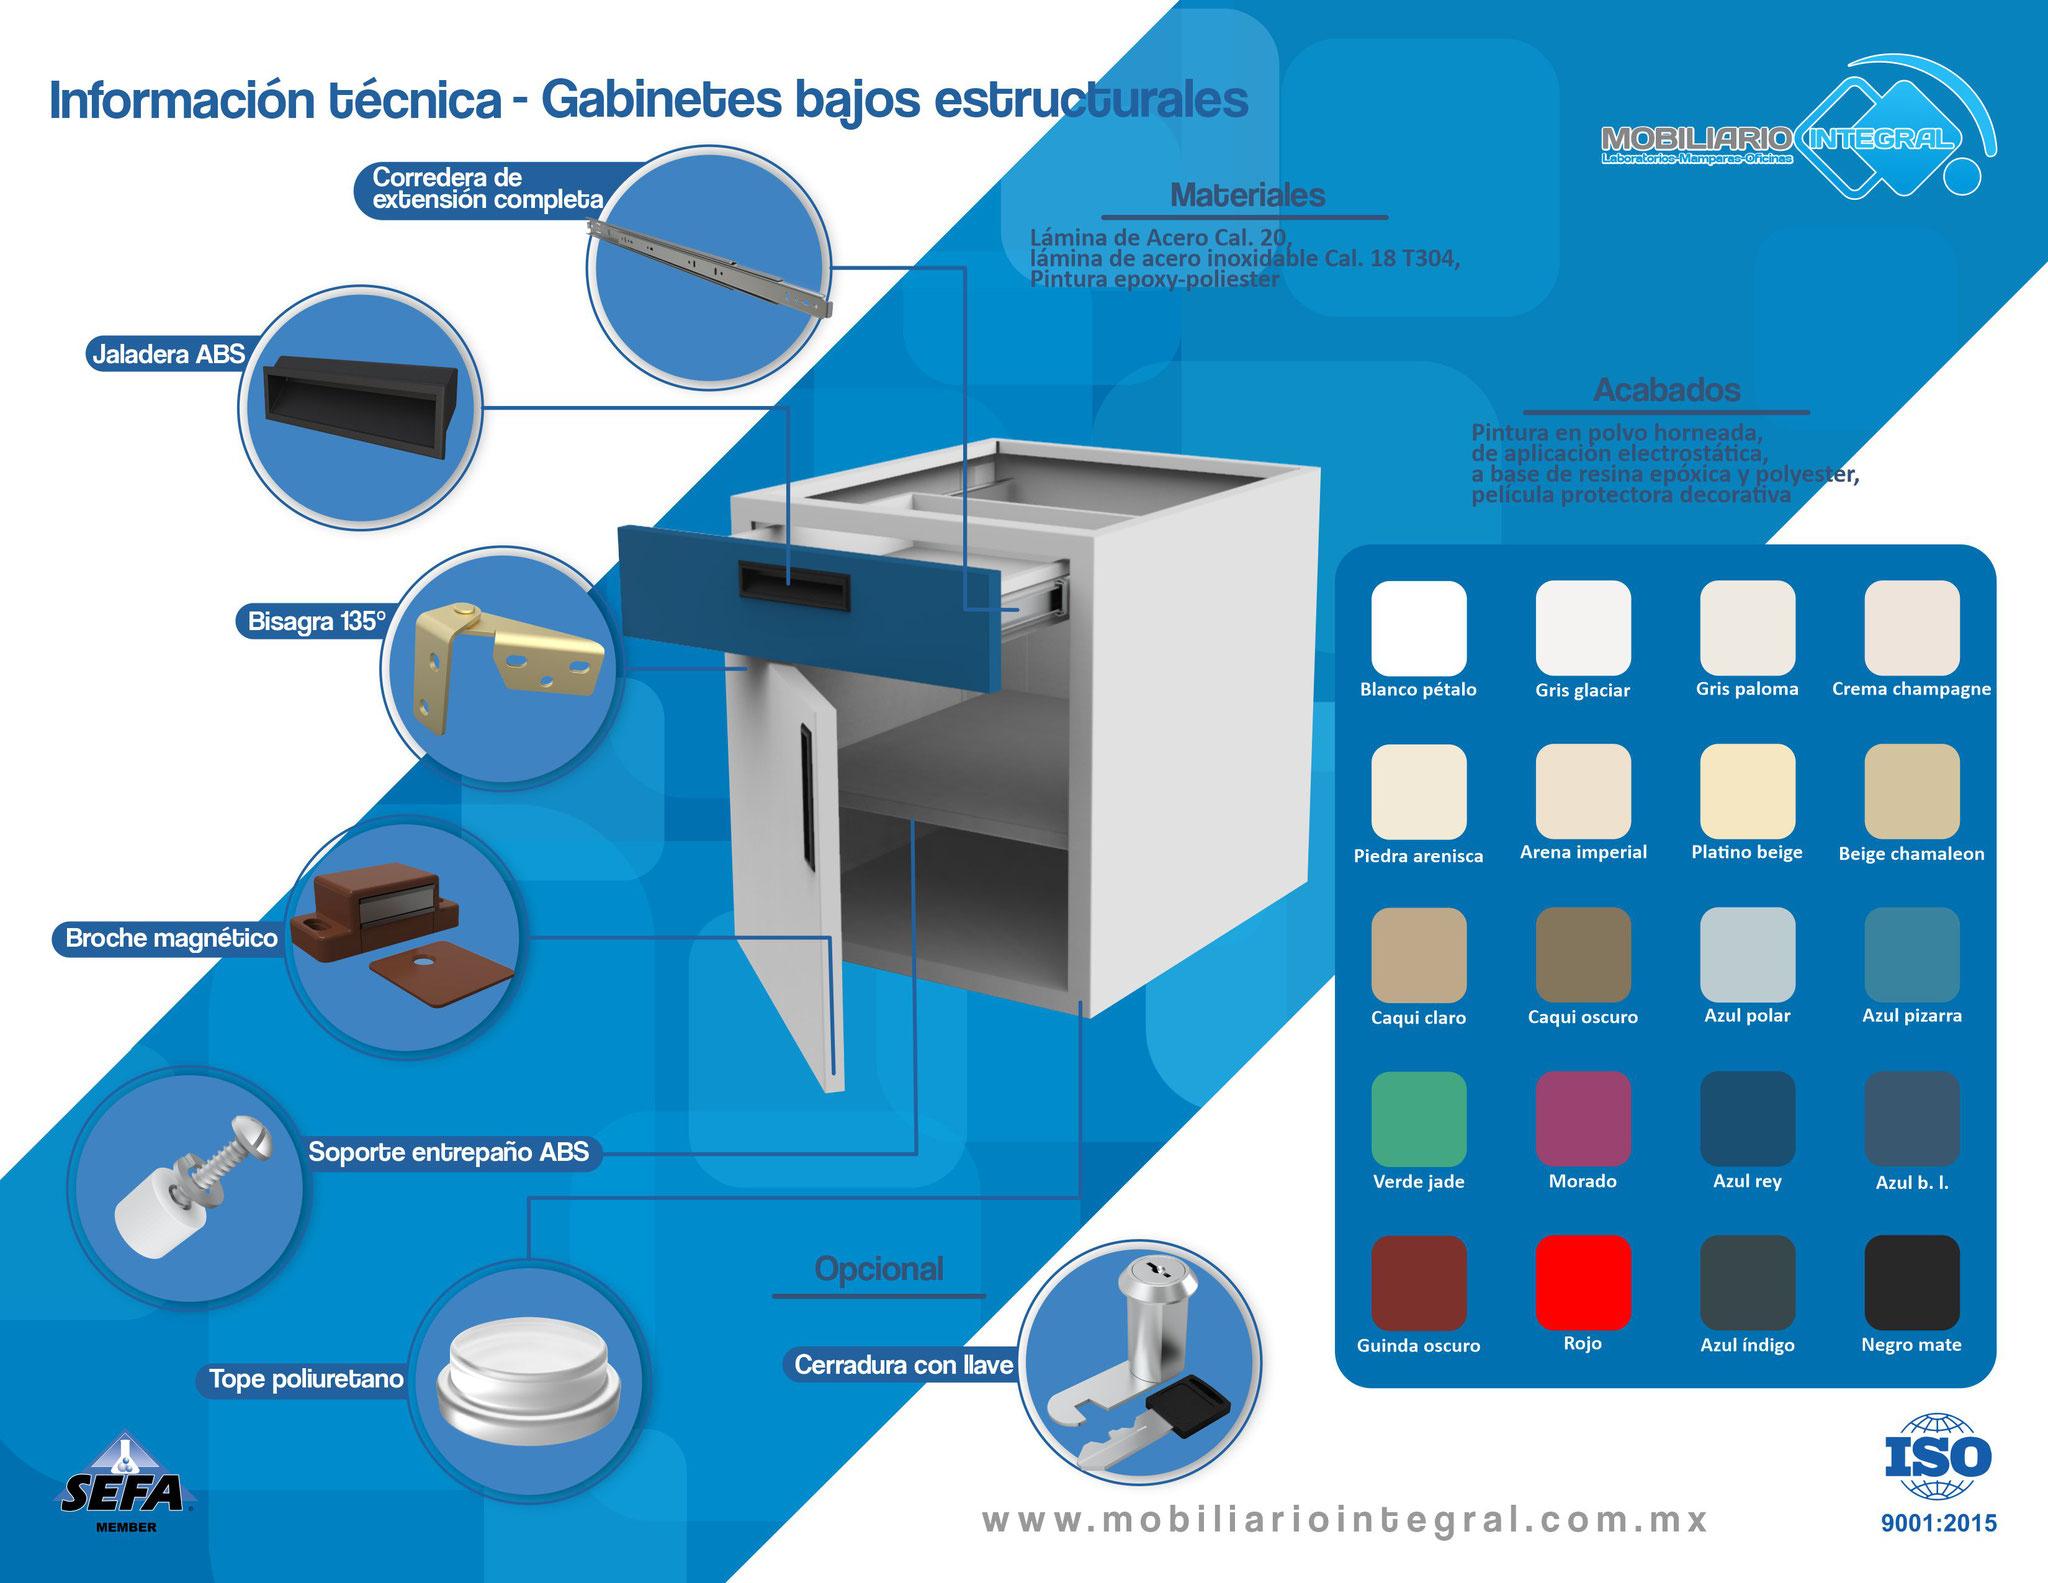 Gabinetes para laboratorio bajos estructurales